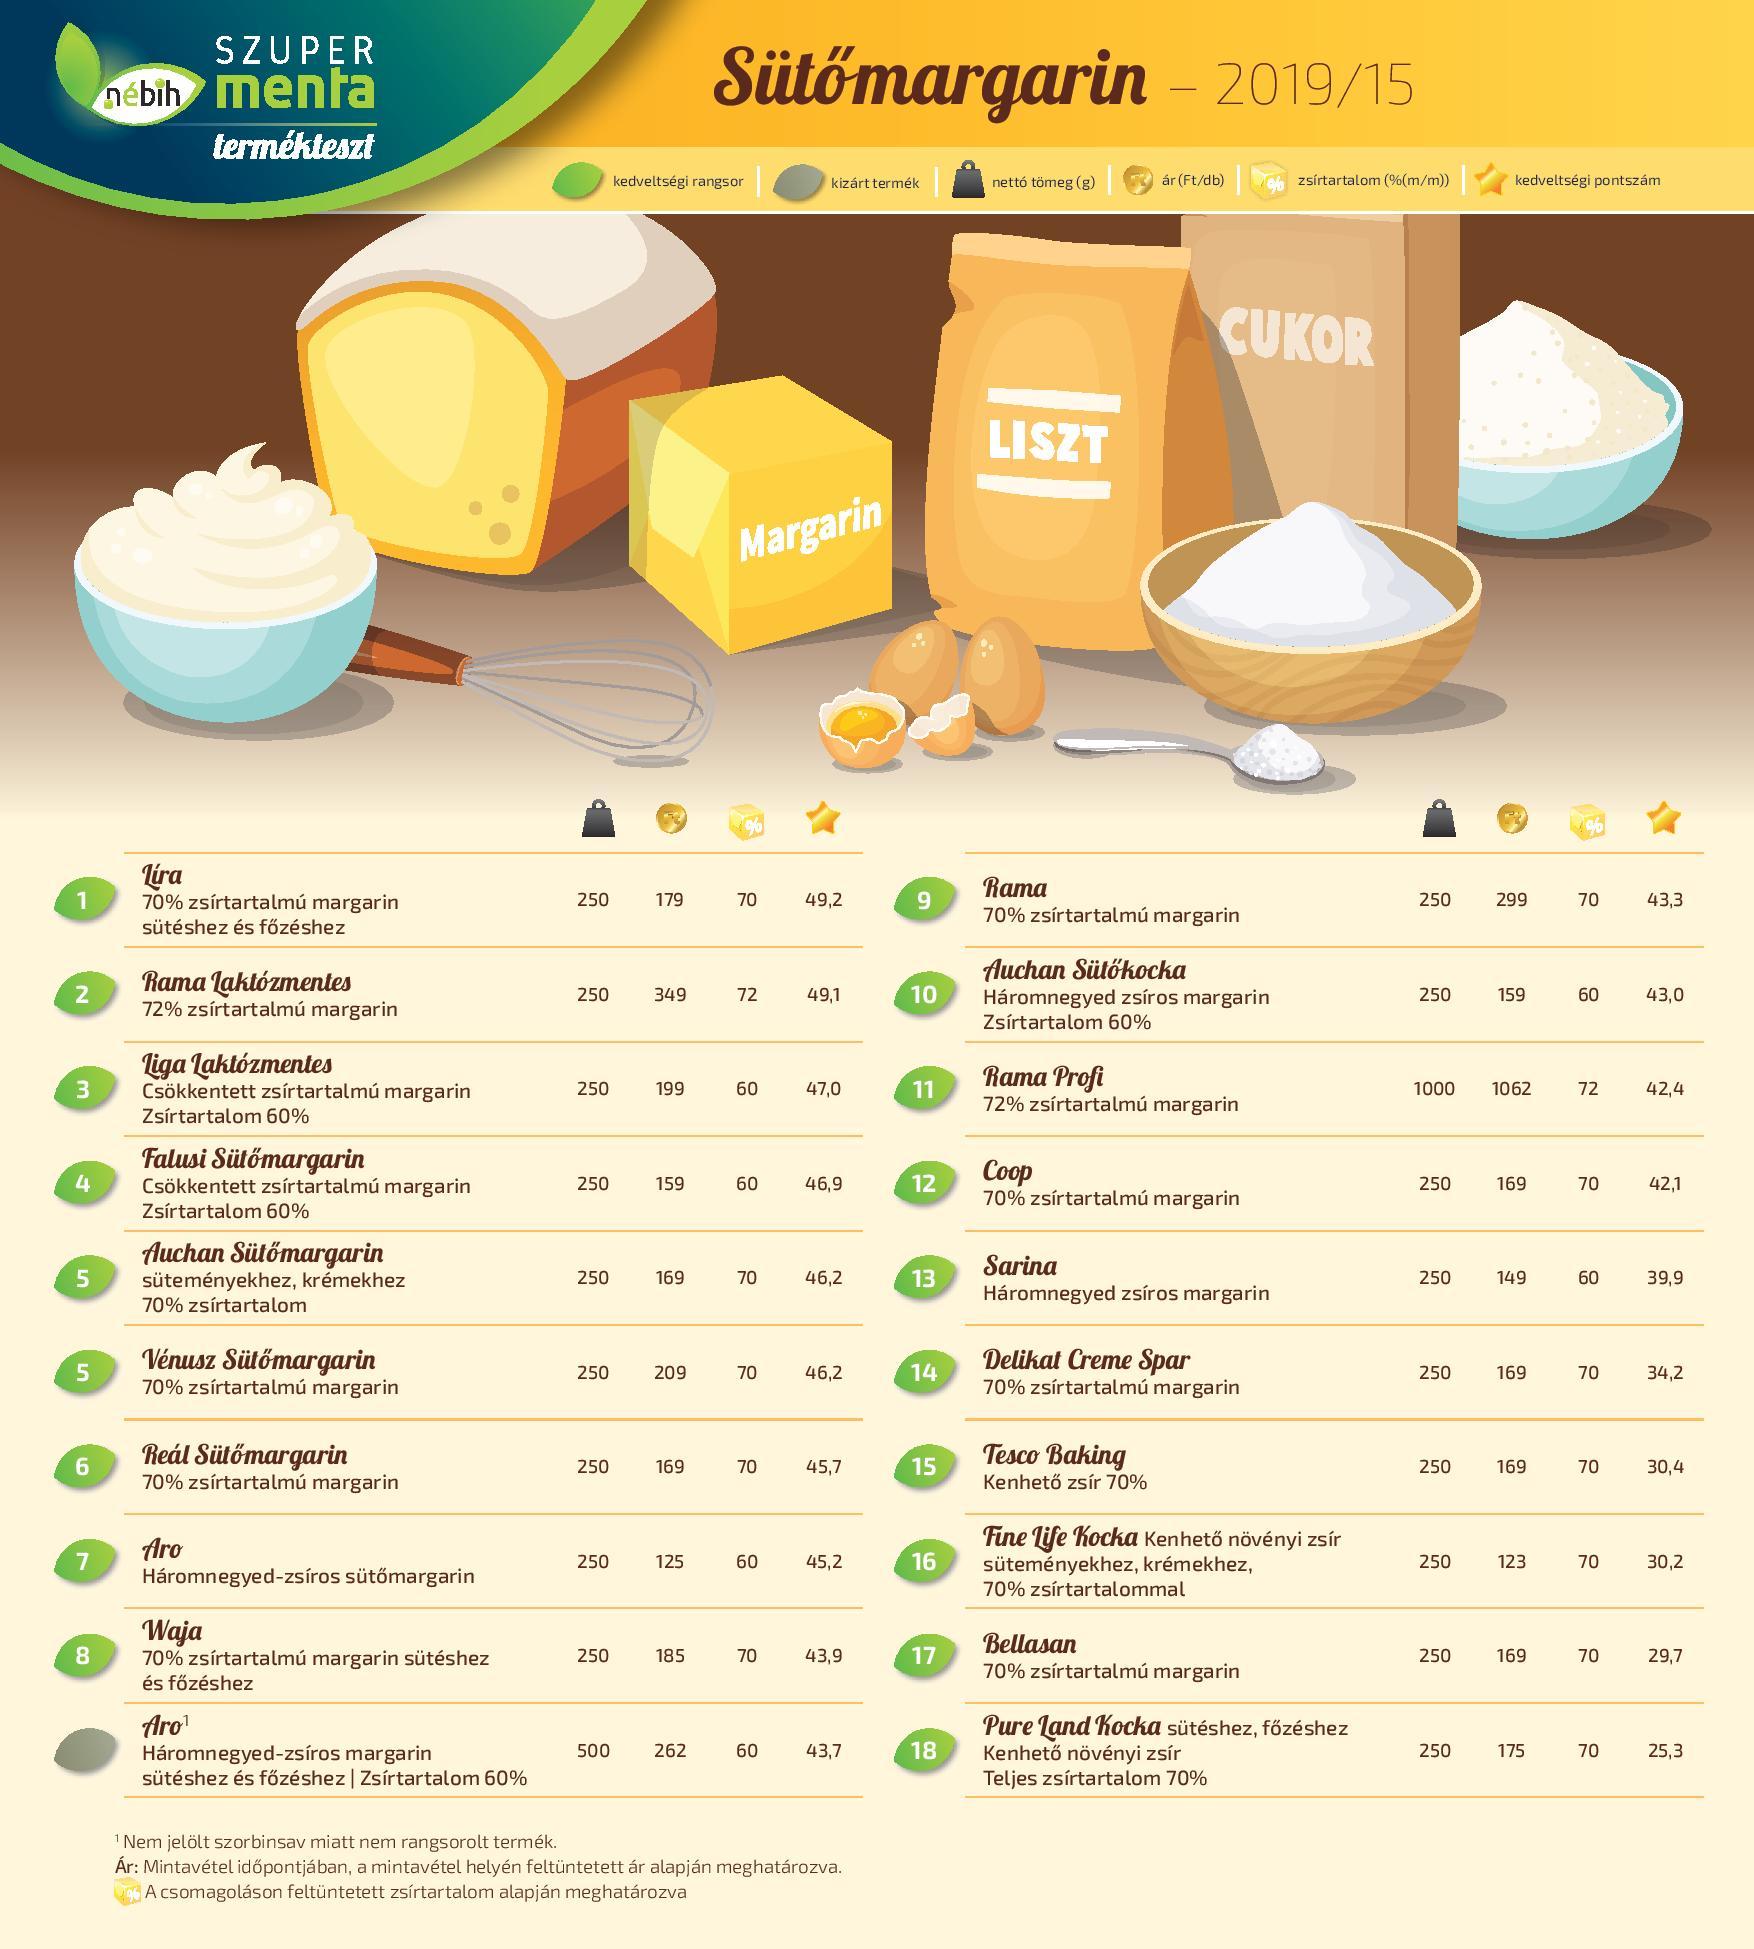 sütőmargarin eredmények